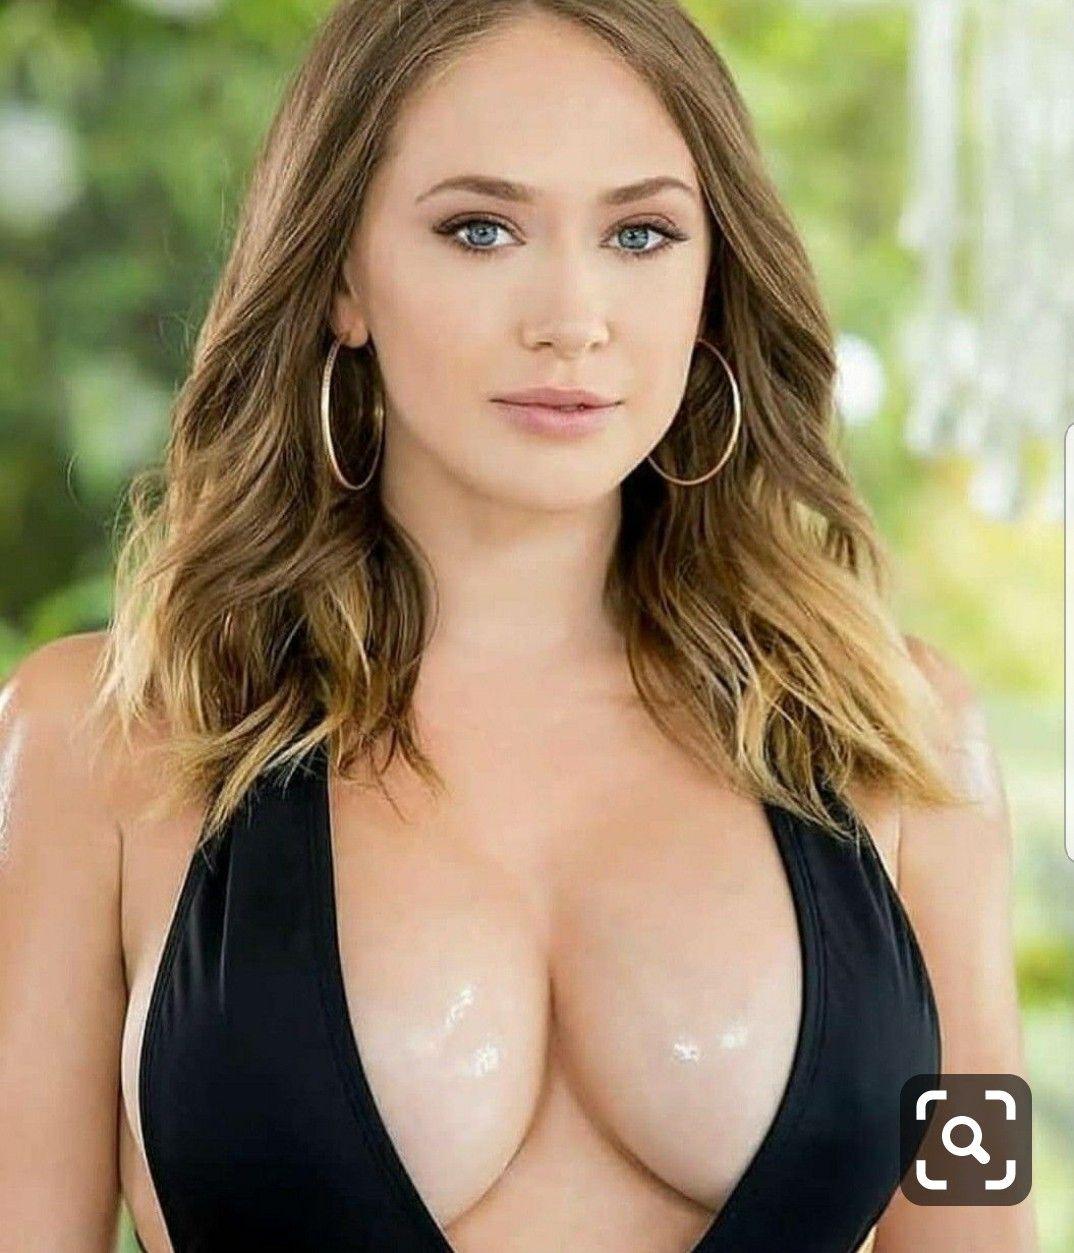 Sideboobs Estella Keller nude photos 2019